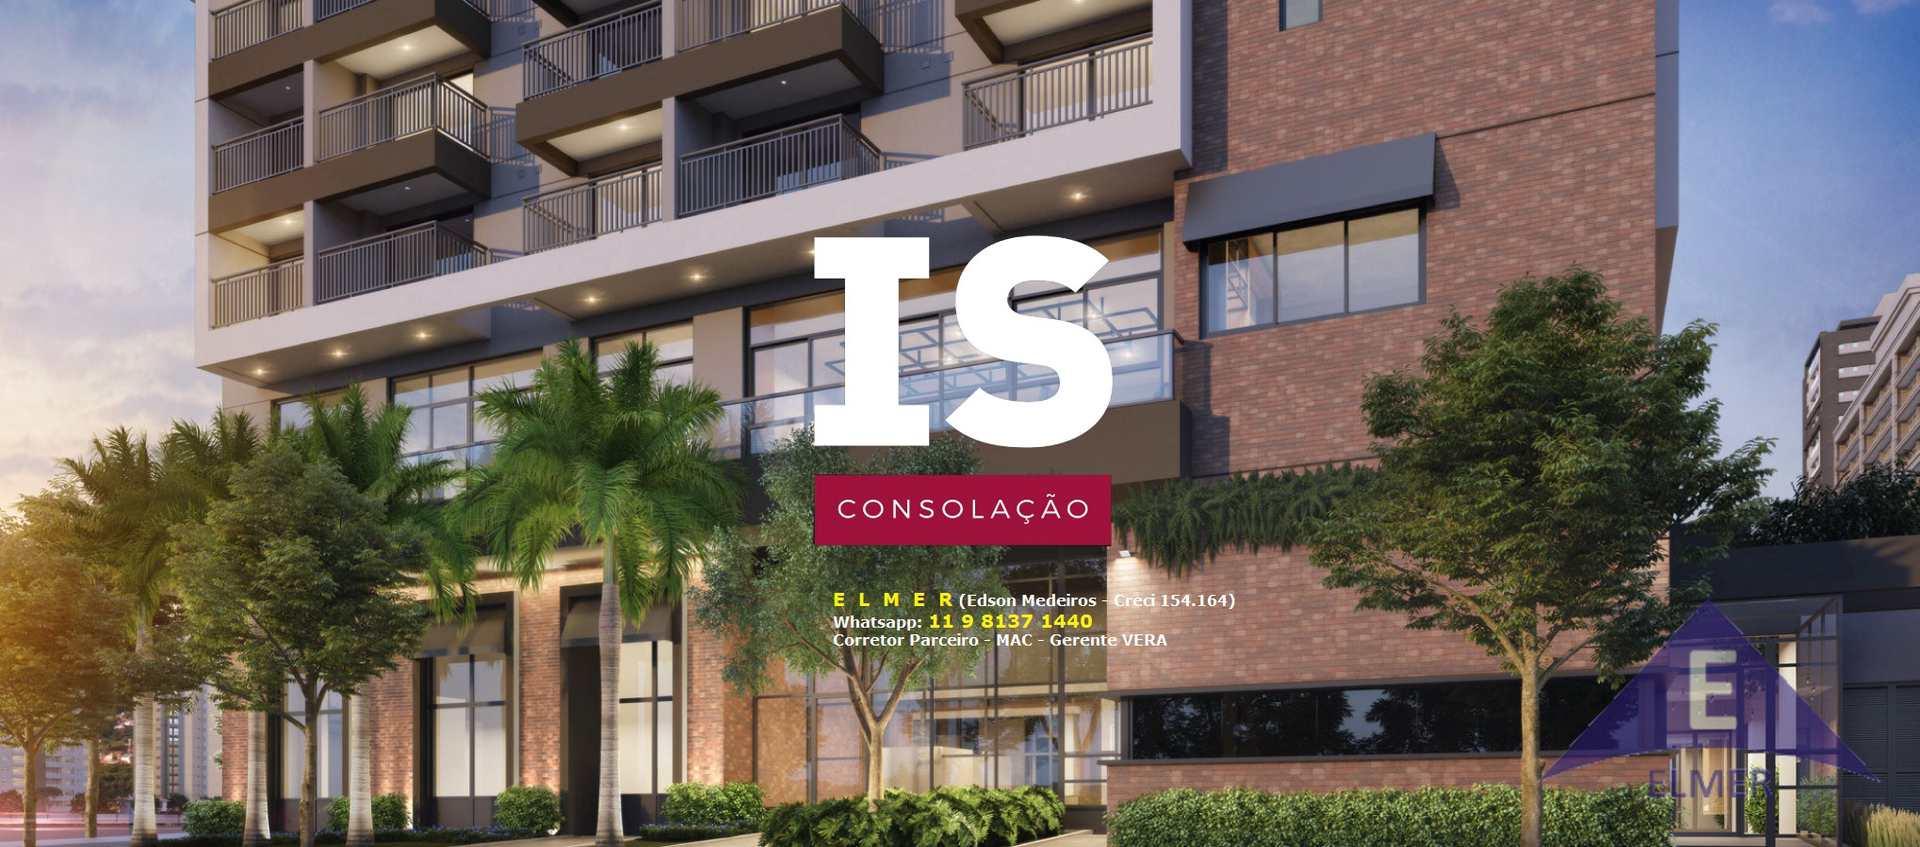 IS CONSOLAÇÃO - Apto 44 m²  2 dorms, Vila Buarque, SP, Cod: 296